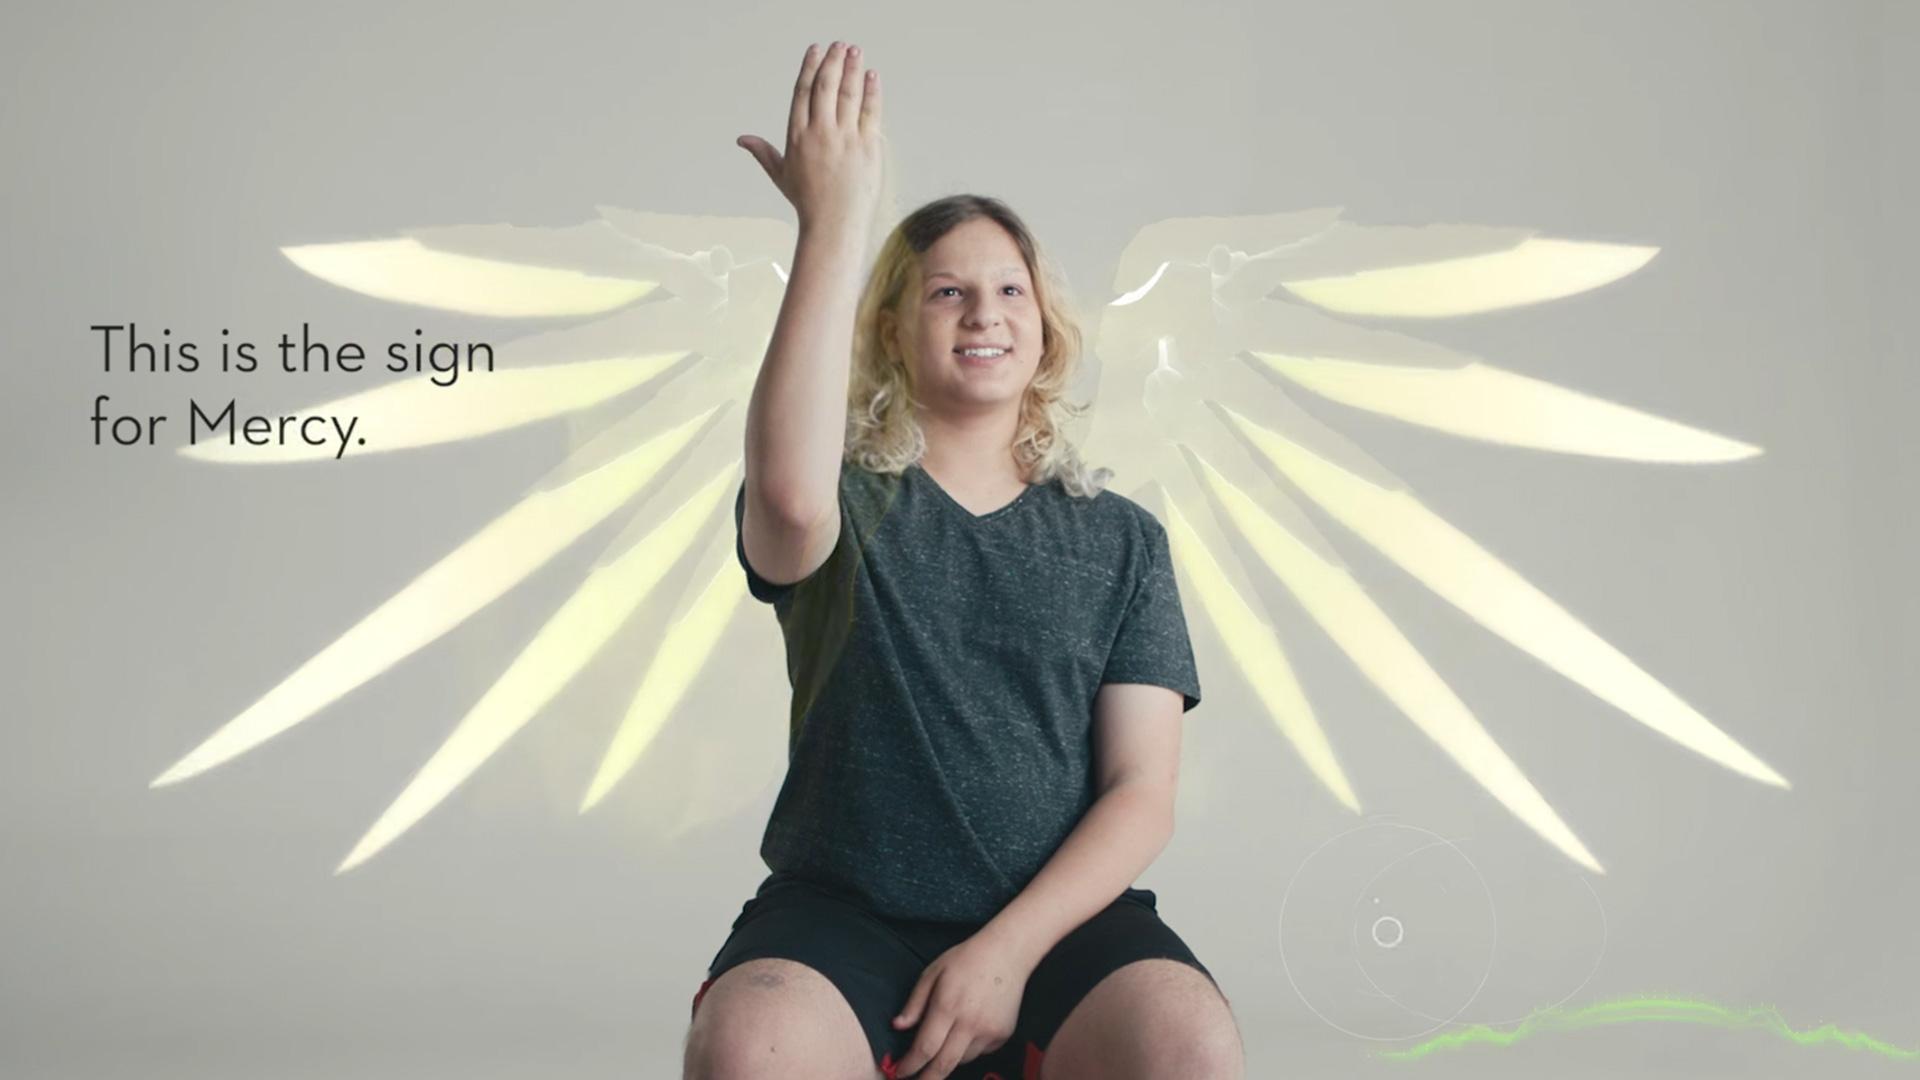 Danik Soudakoff แฟนเกม OW วัย 14 คิดภาษามือให้เกมเมอร์พิการทางการได้ยิน